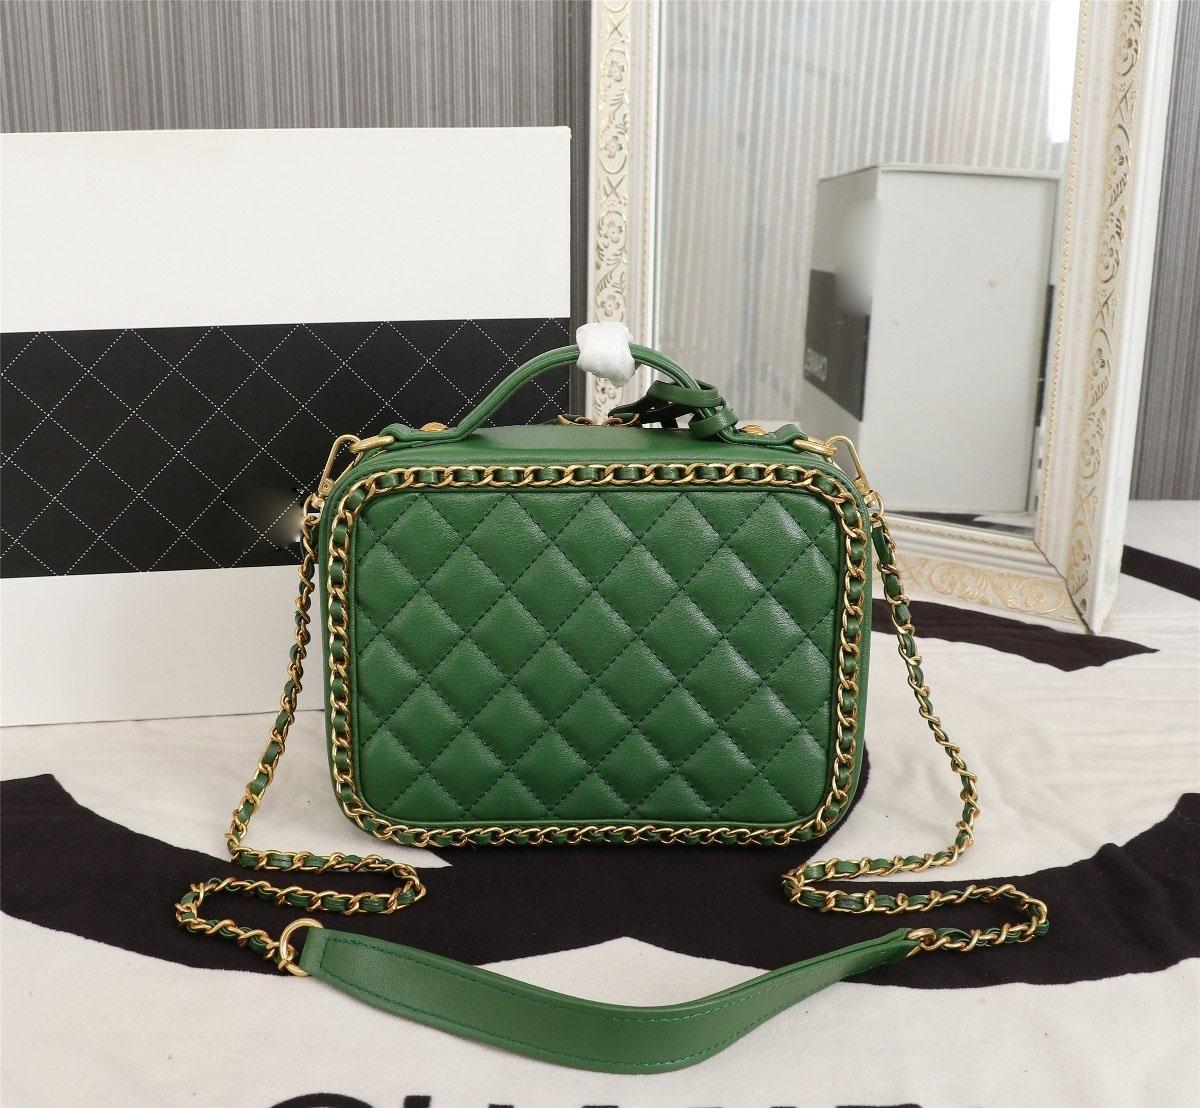 Caixa da composição do saco da bolsa carteira mochila card holder principal saco duffle bolsas femininas titular do cartão bolsa horsebit 2020 novo